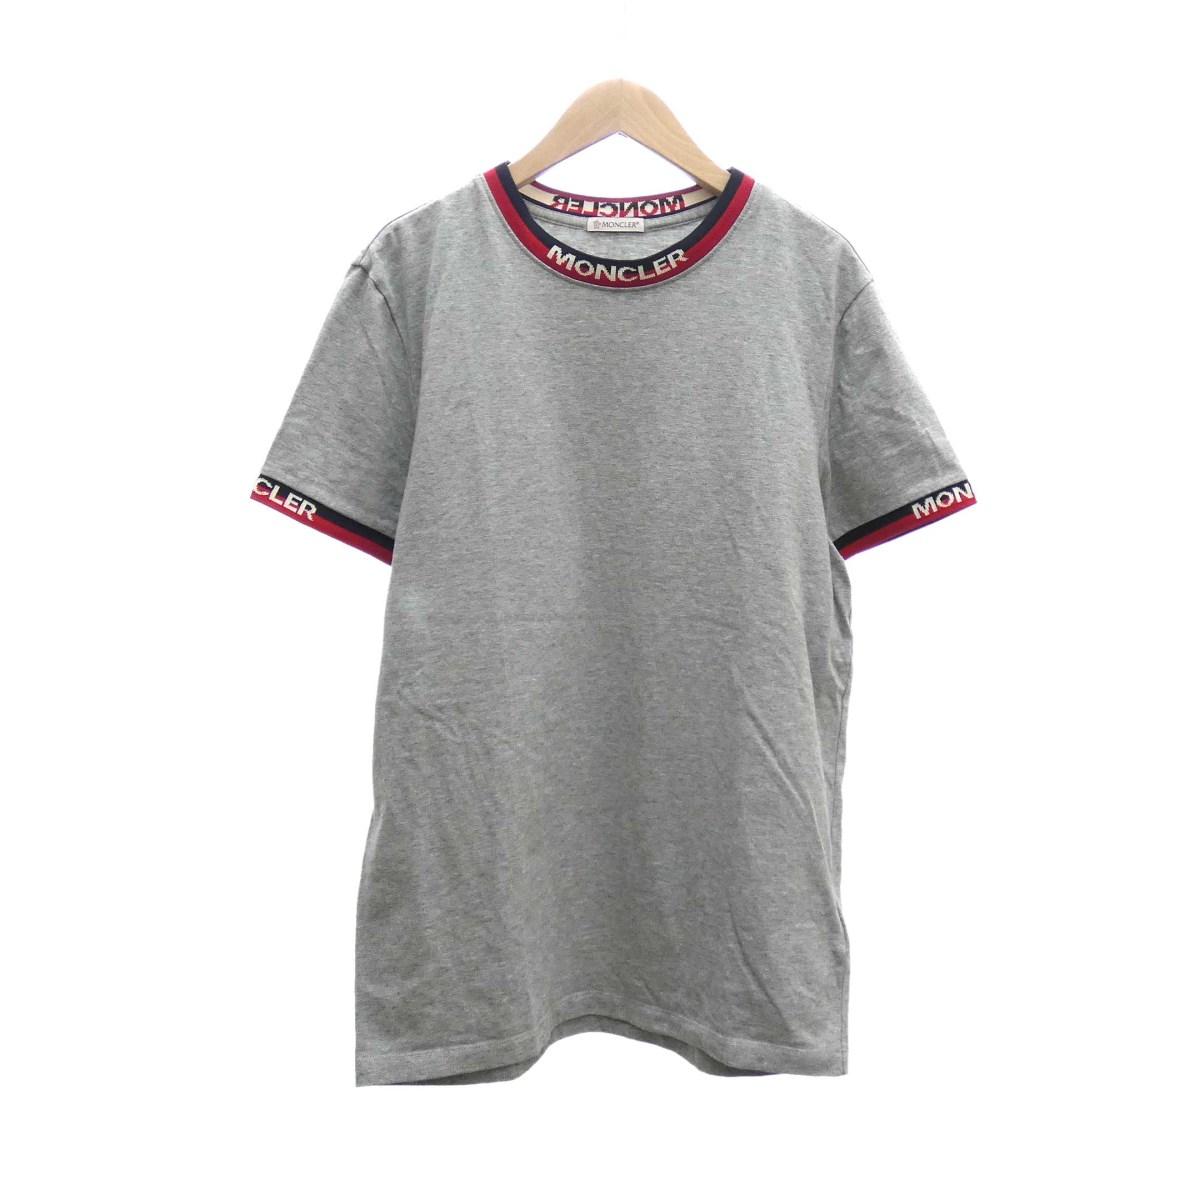 【中古】MONCLER 半袖Tシャツ 2019SS グレー サイズ:S 【160420】(モンクレール)